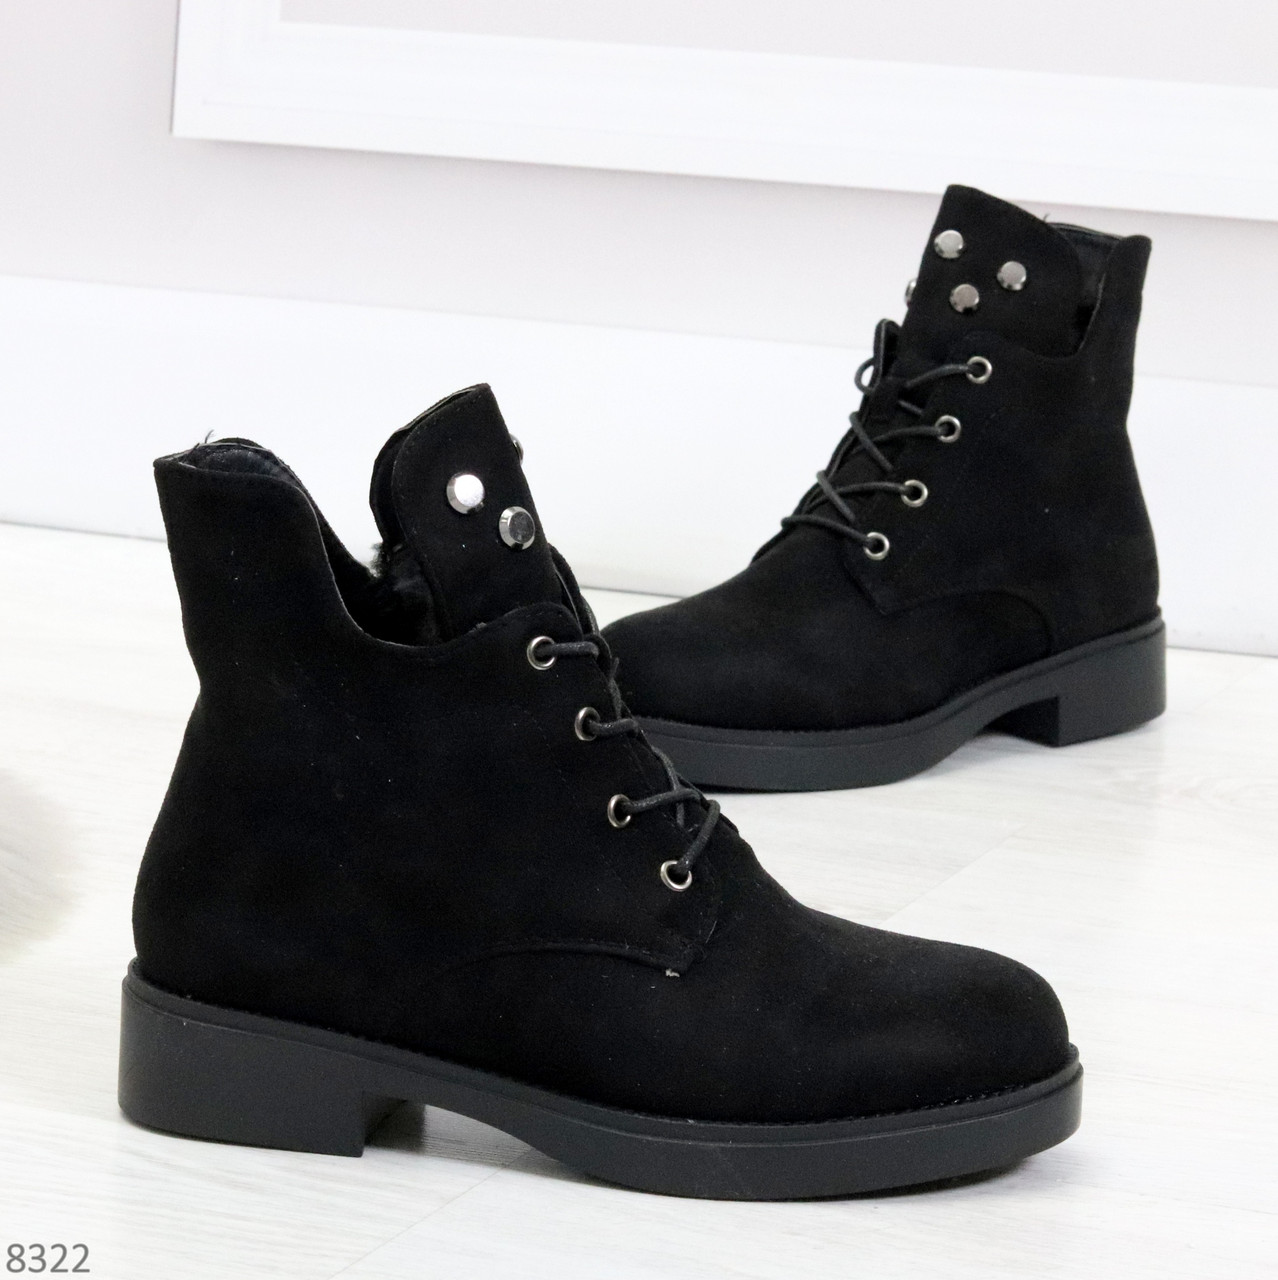 Модельные зимние черные замшевые женские ботинки в заклепках низкий ход  36-23,5см